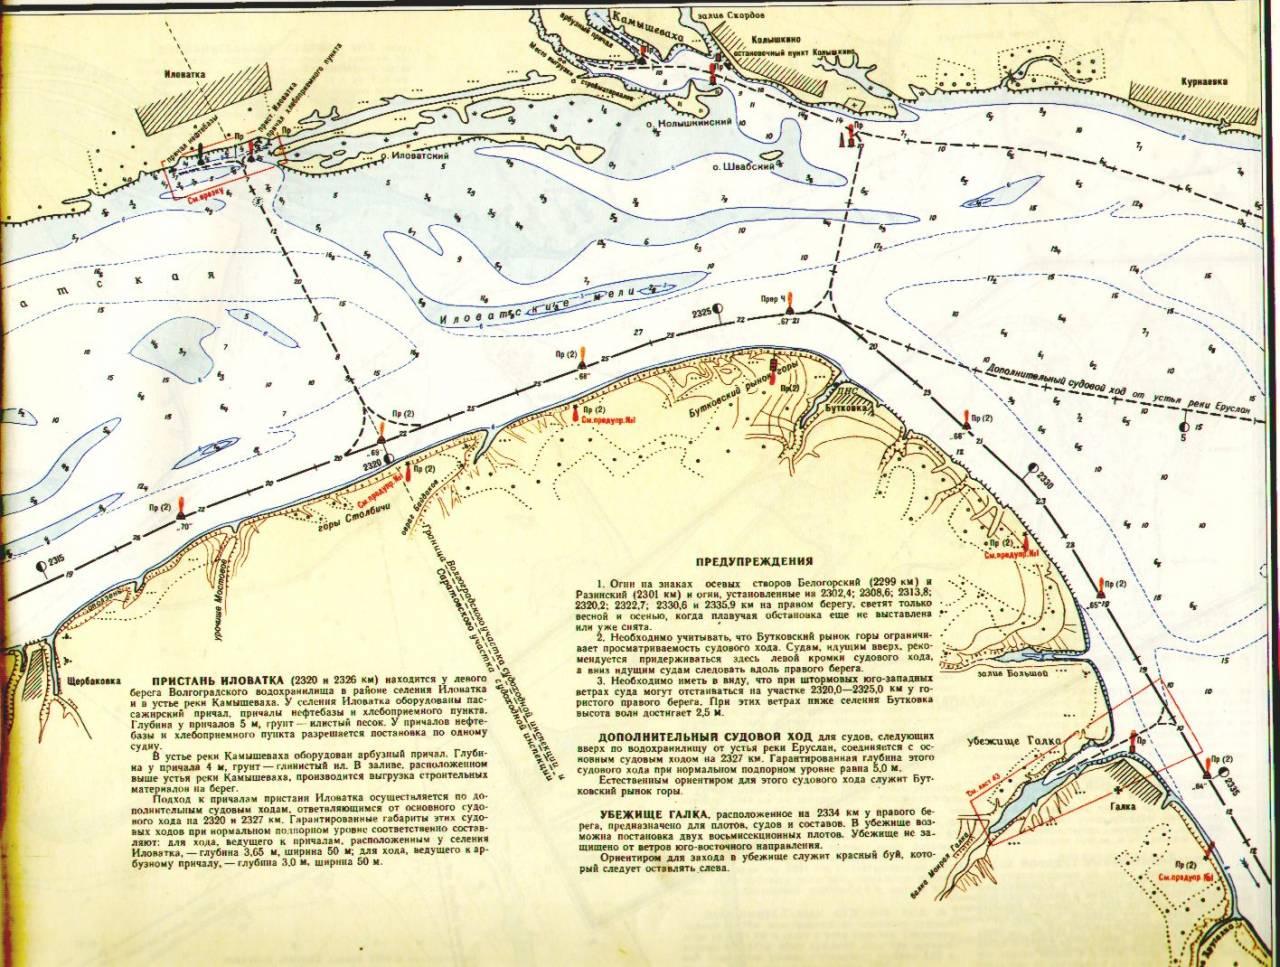 рекламу, объявления, лоцманская карта самарского водохранилища прозвищу Мышка